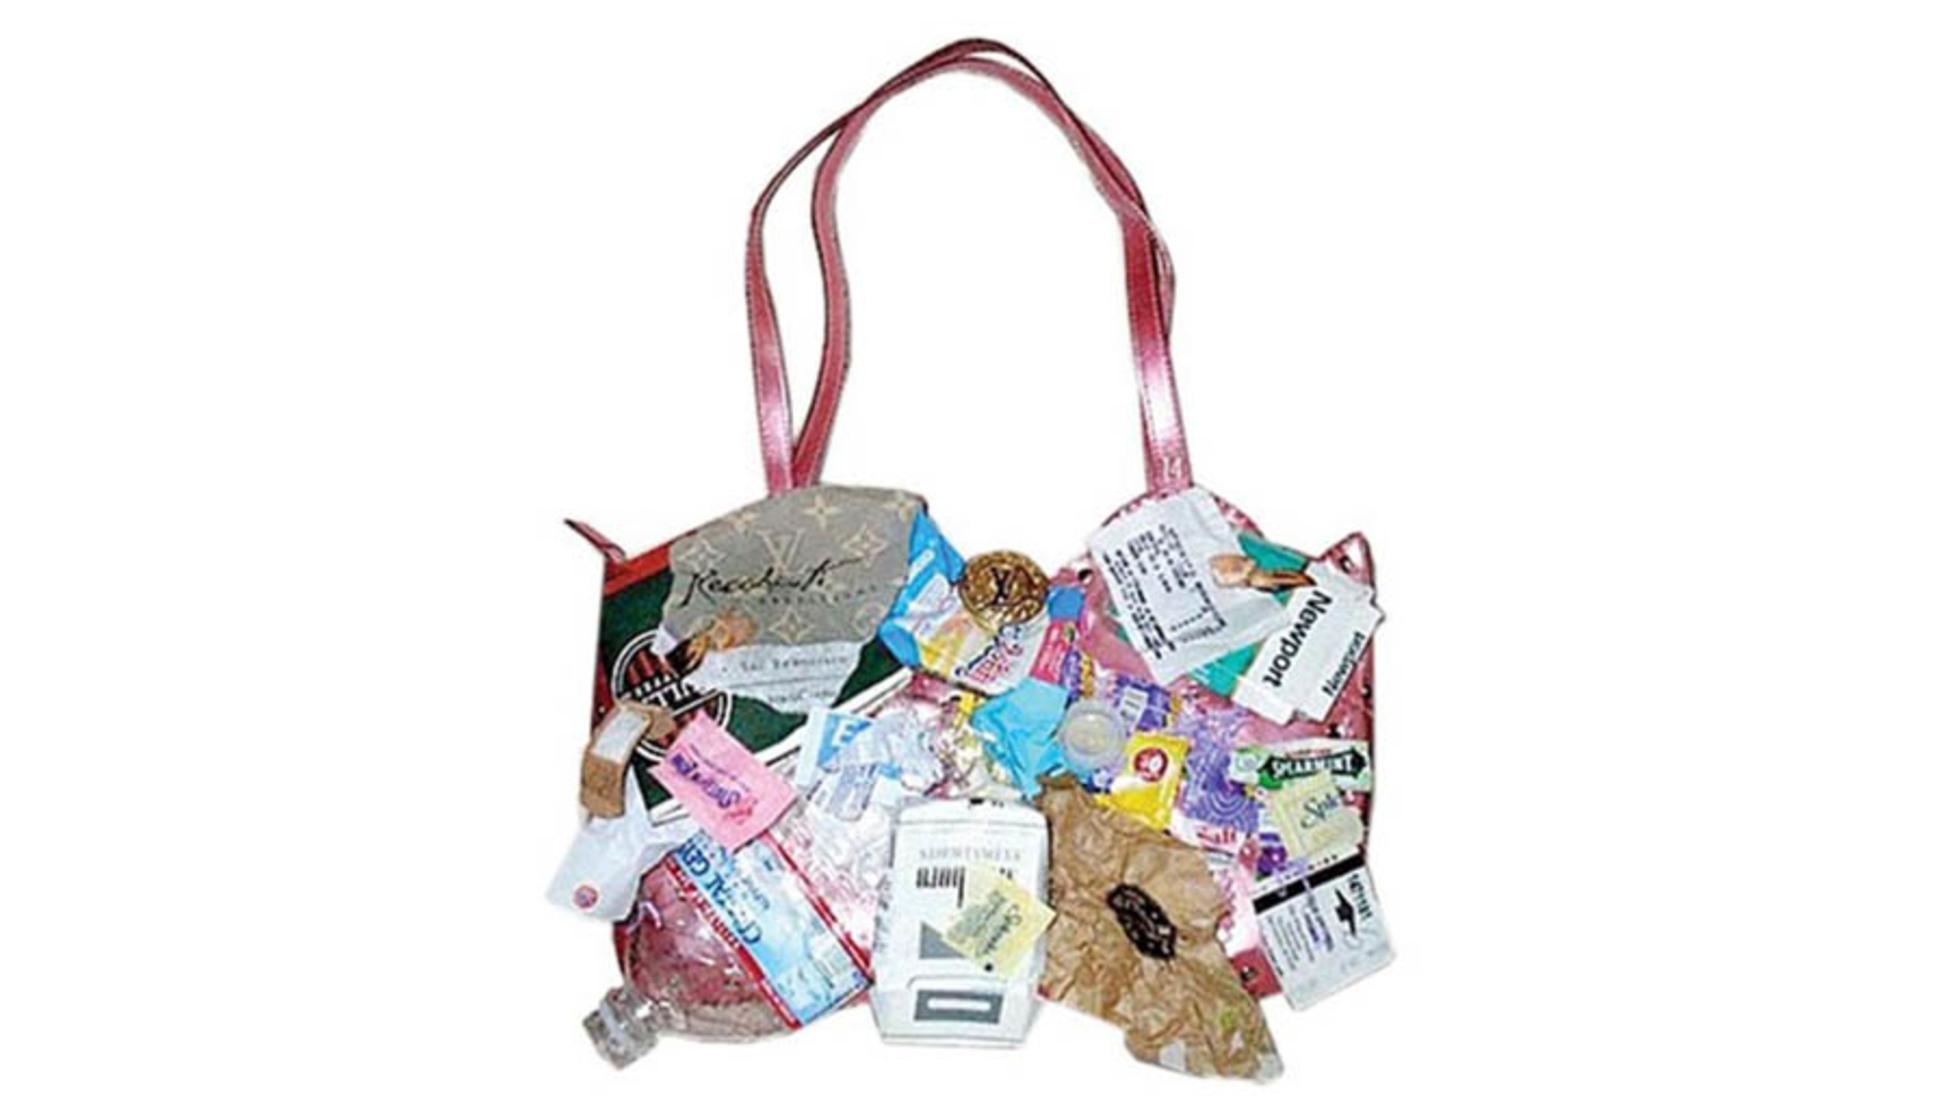 6b5021e330e Een Louis Vuitton tas kan een geweldige investering zijn, omdat dit soort  luxemerken meestal zeer populair blijven en vaak in waarde toenemen.